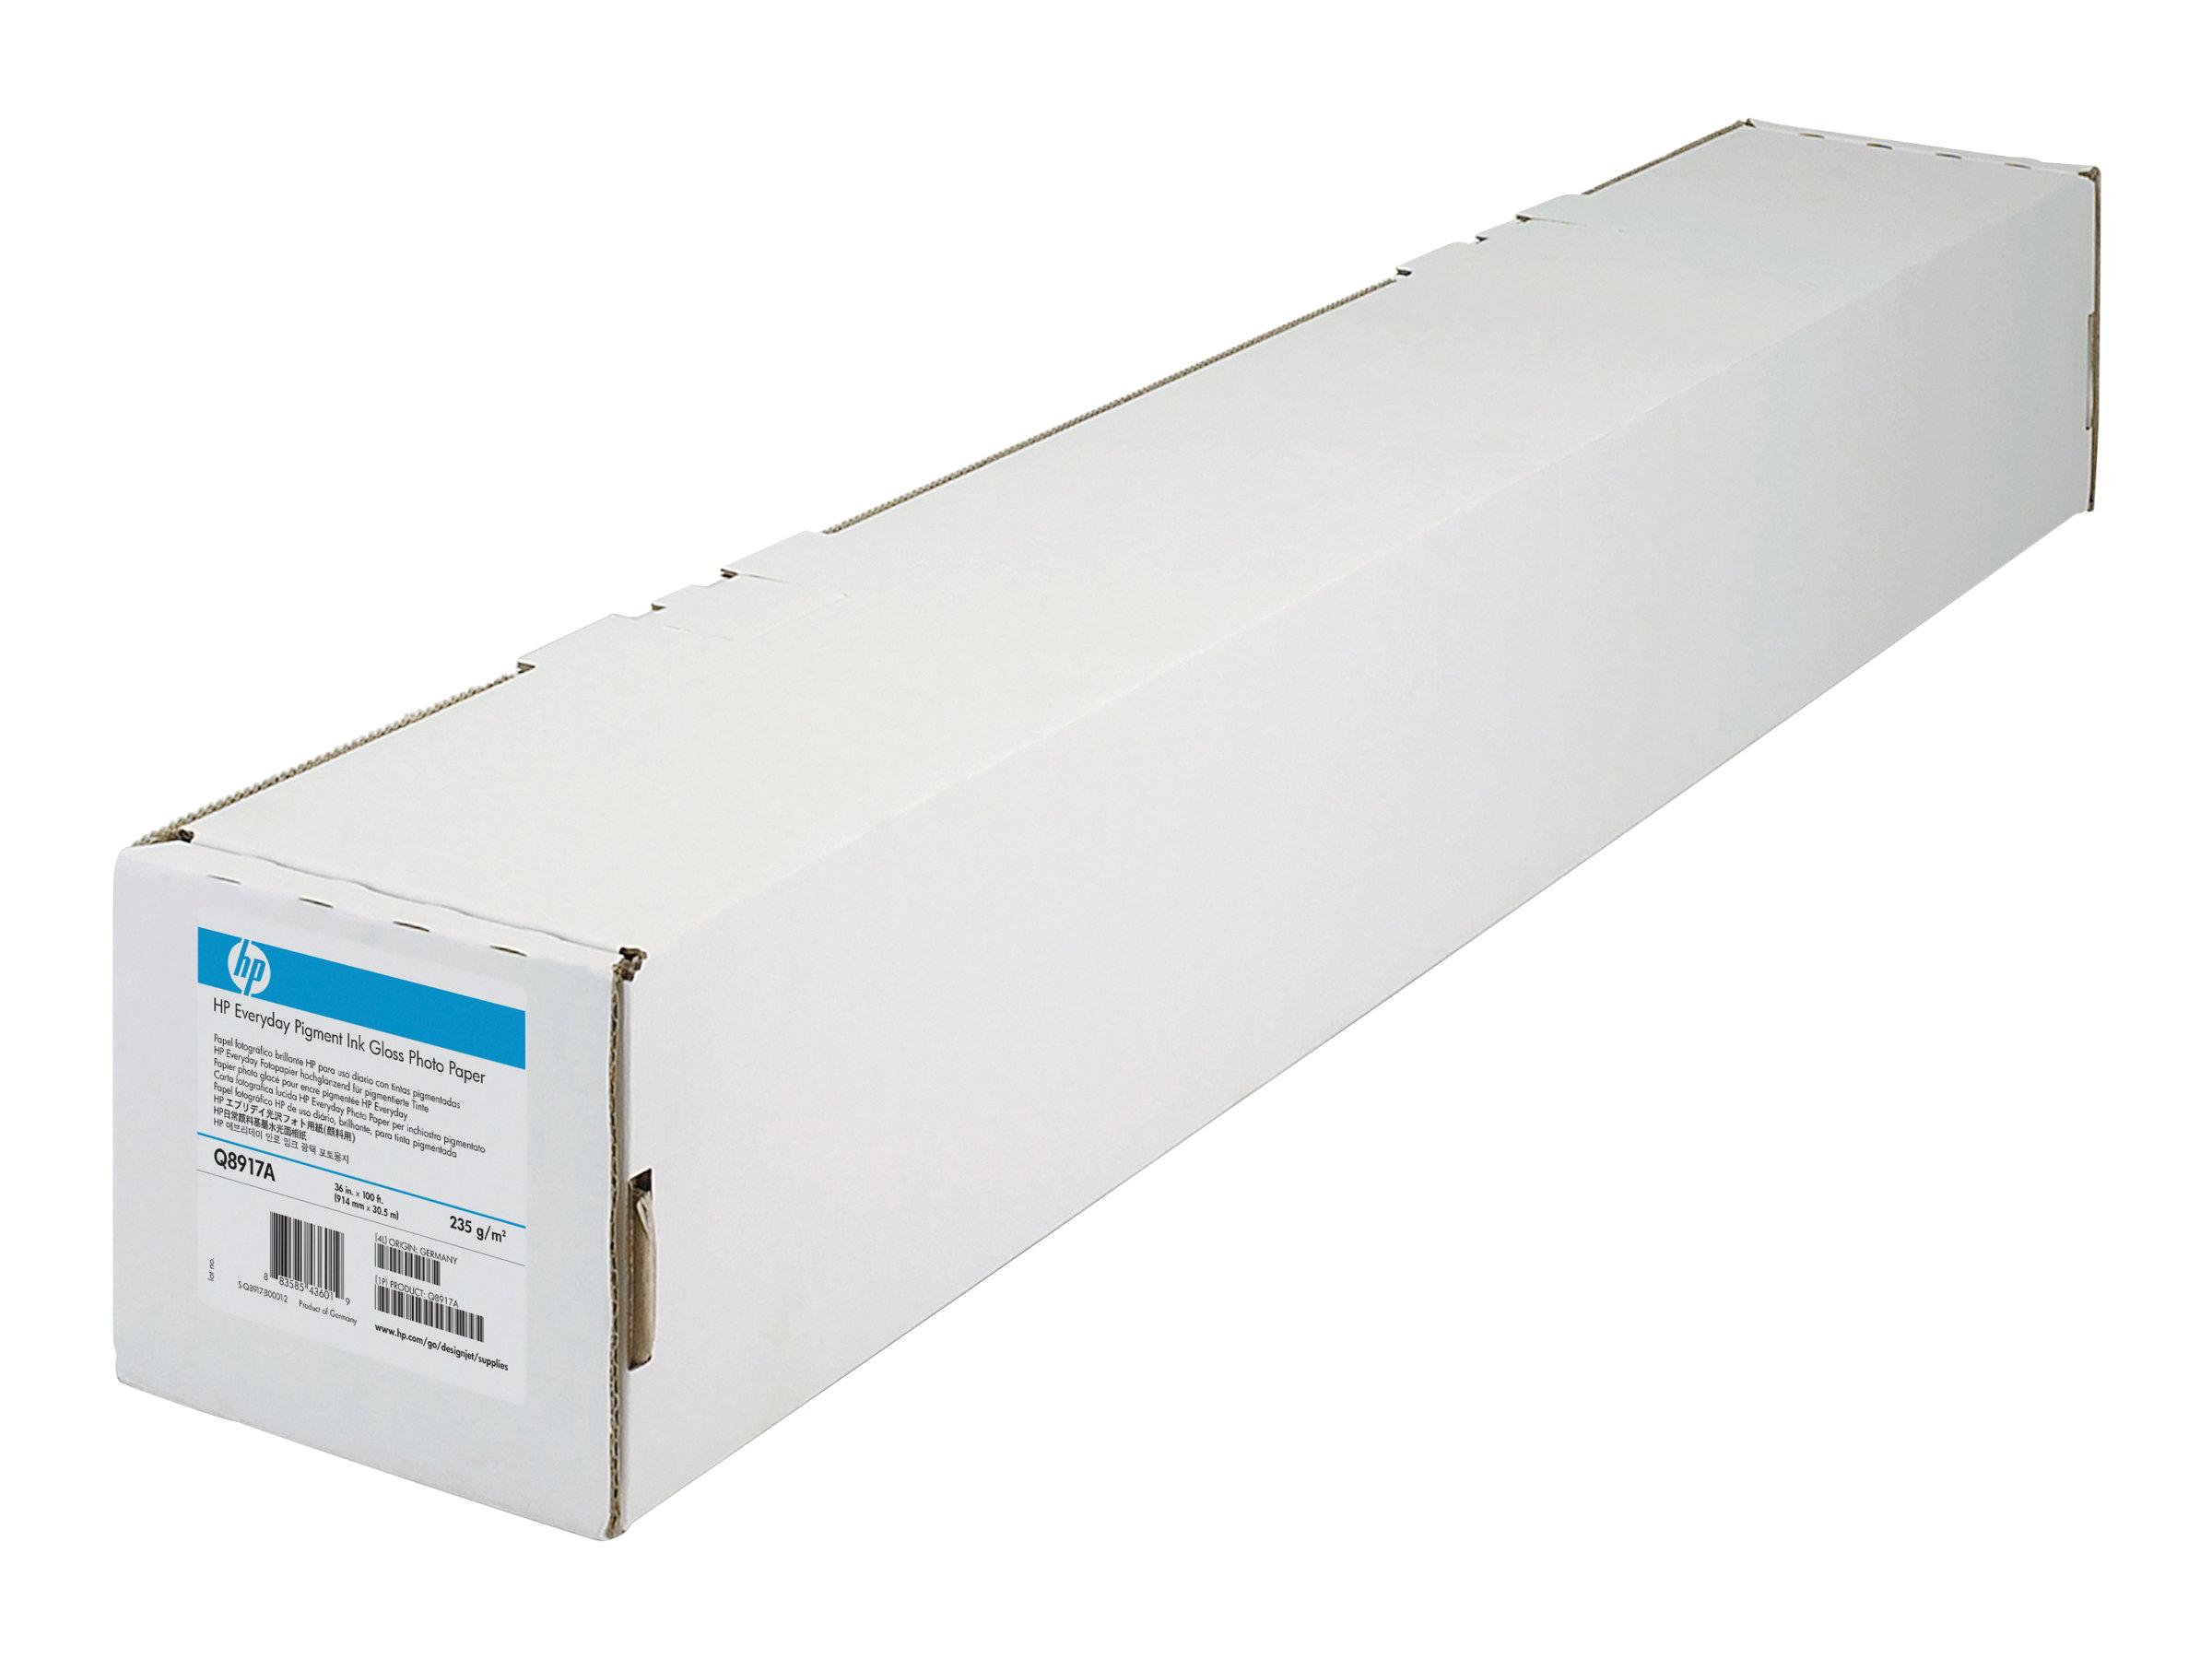 HP - Beschichtet - Rolle (152,4 cm) 1 Rolle(n) Papier - für DesignJet 5000, 5000ps, 5000uv, 5100, 5500, 5500ps, Z6100, Z6100ps,